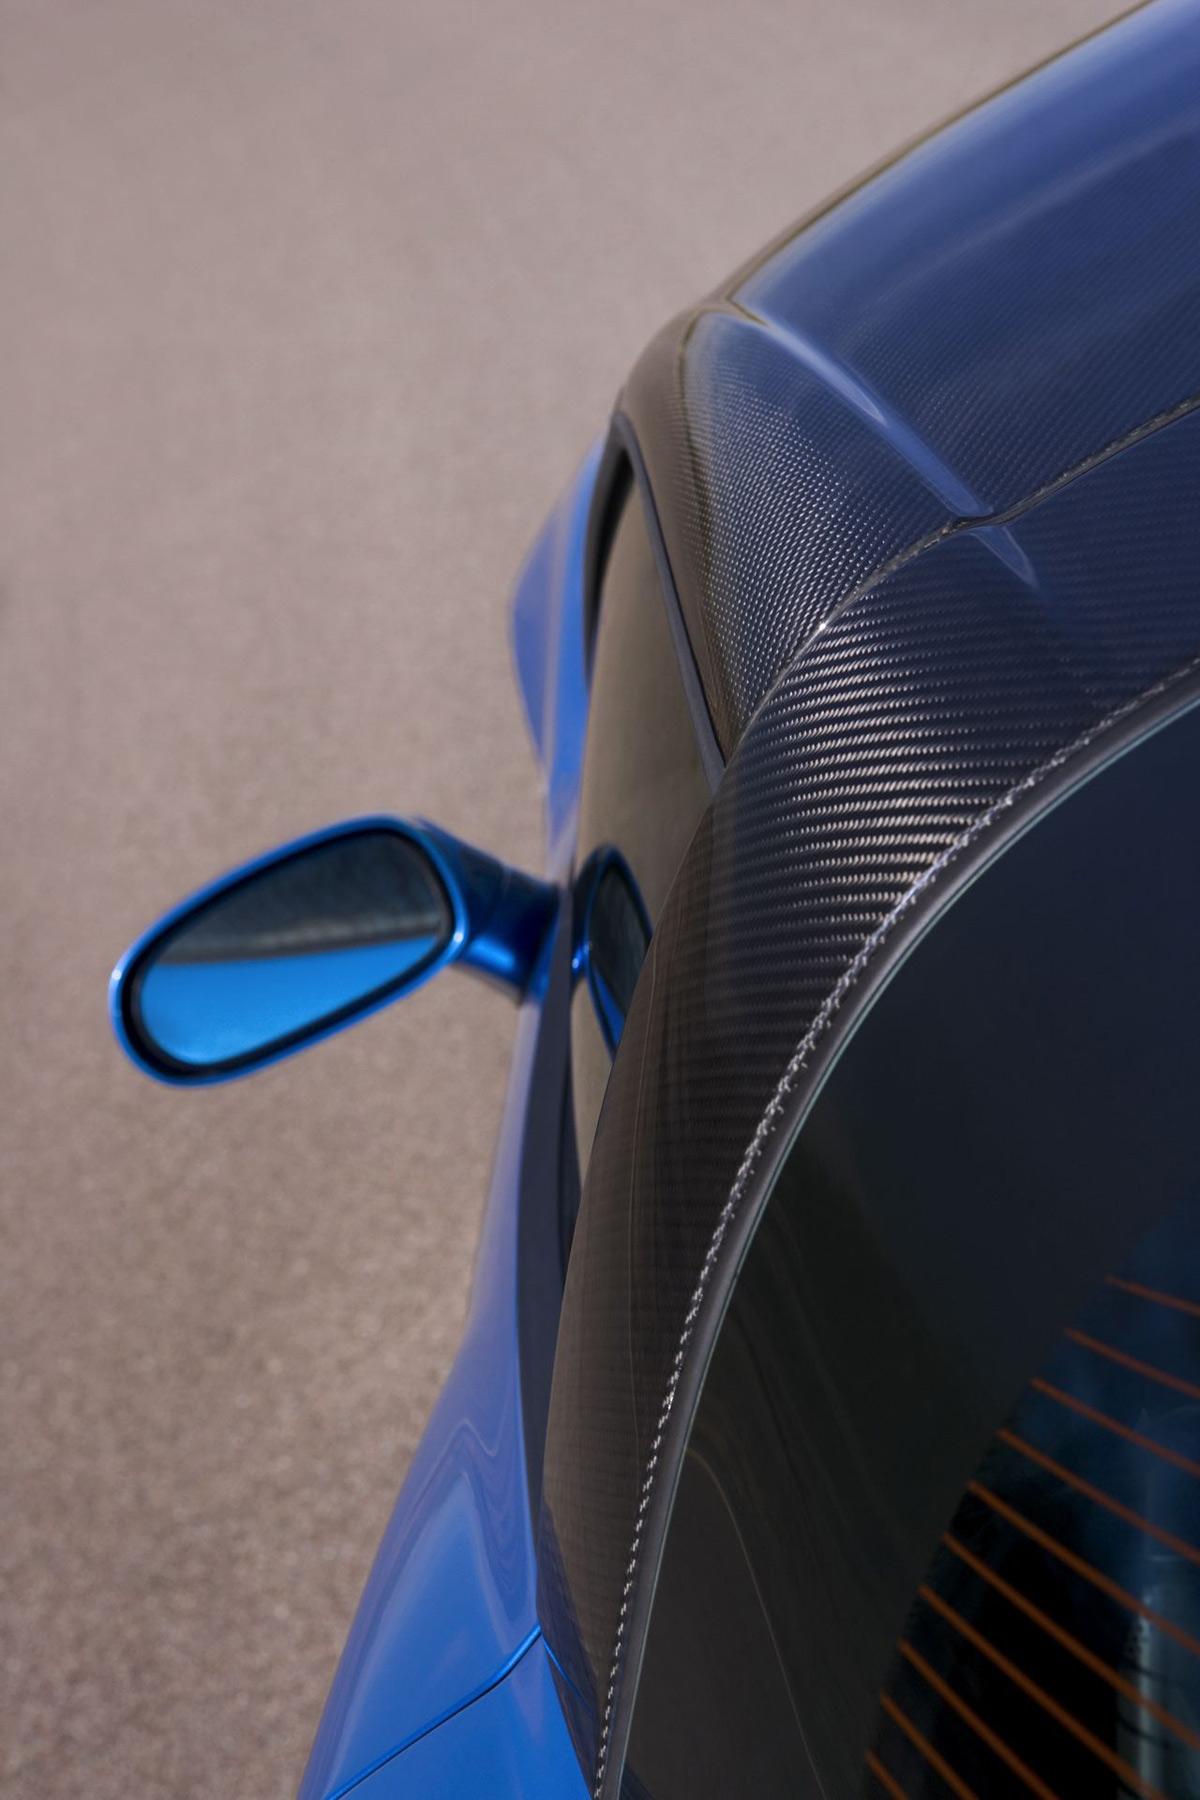 chevrolet-corvette-zr1-themotorreport-21.jpg